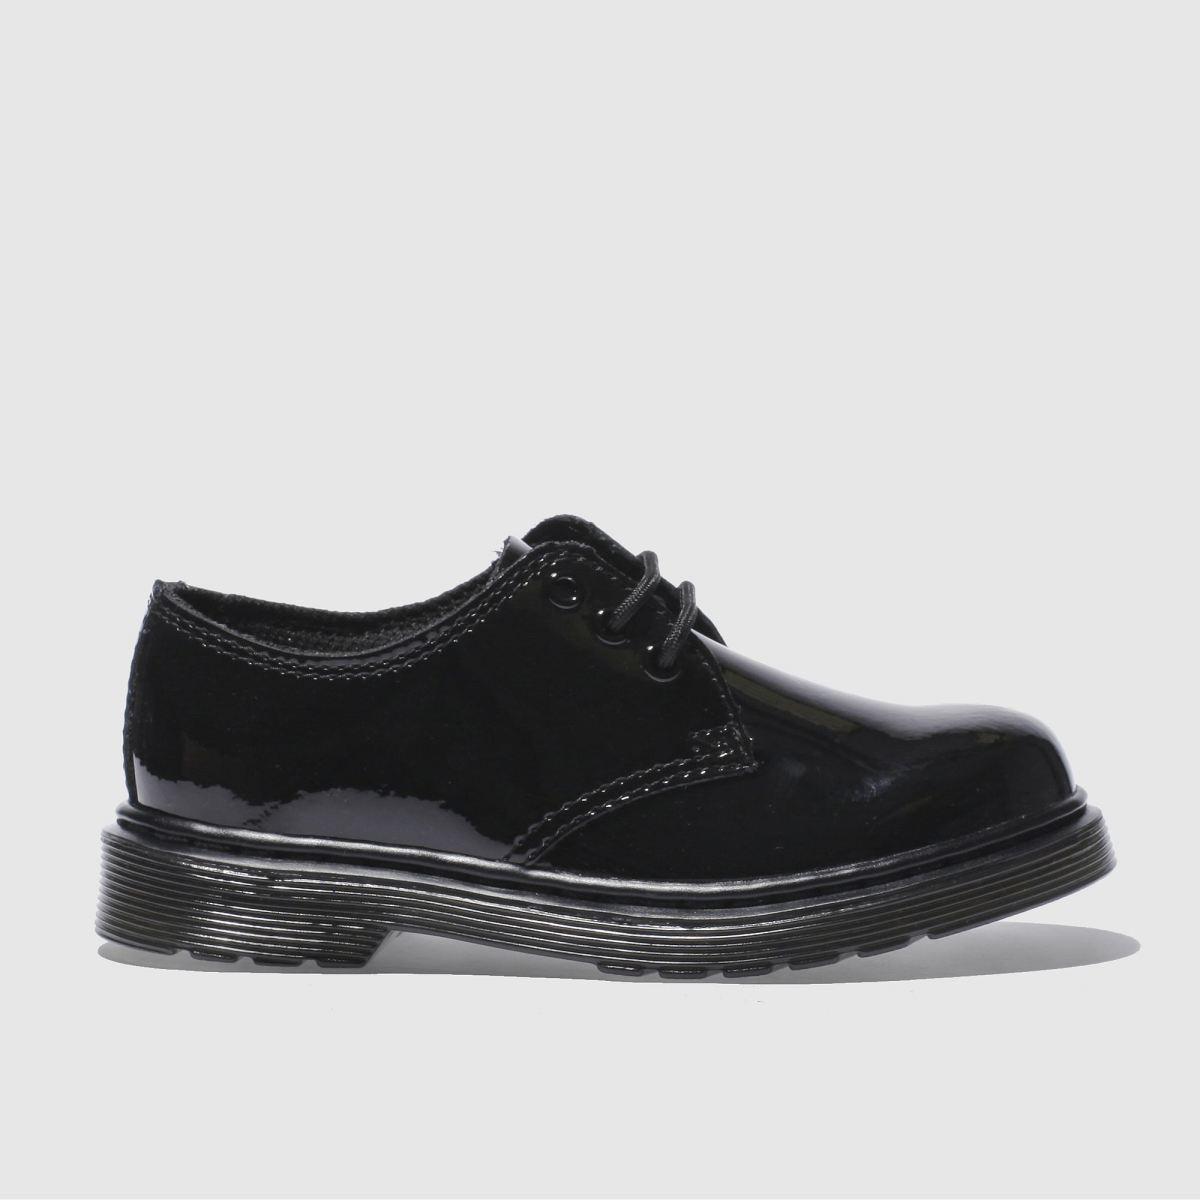 dr martens black everley Girls Junior Shoes